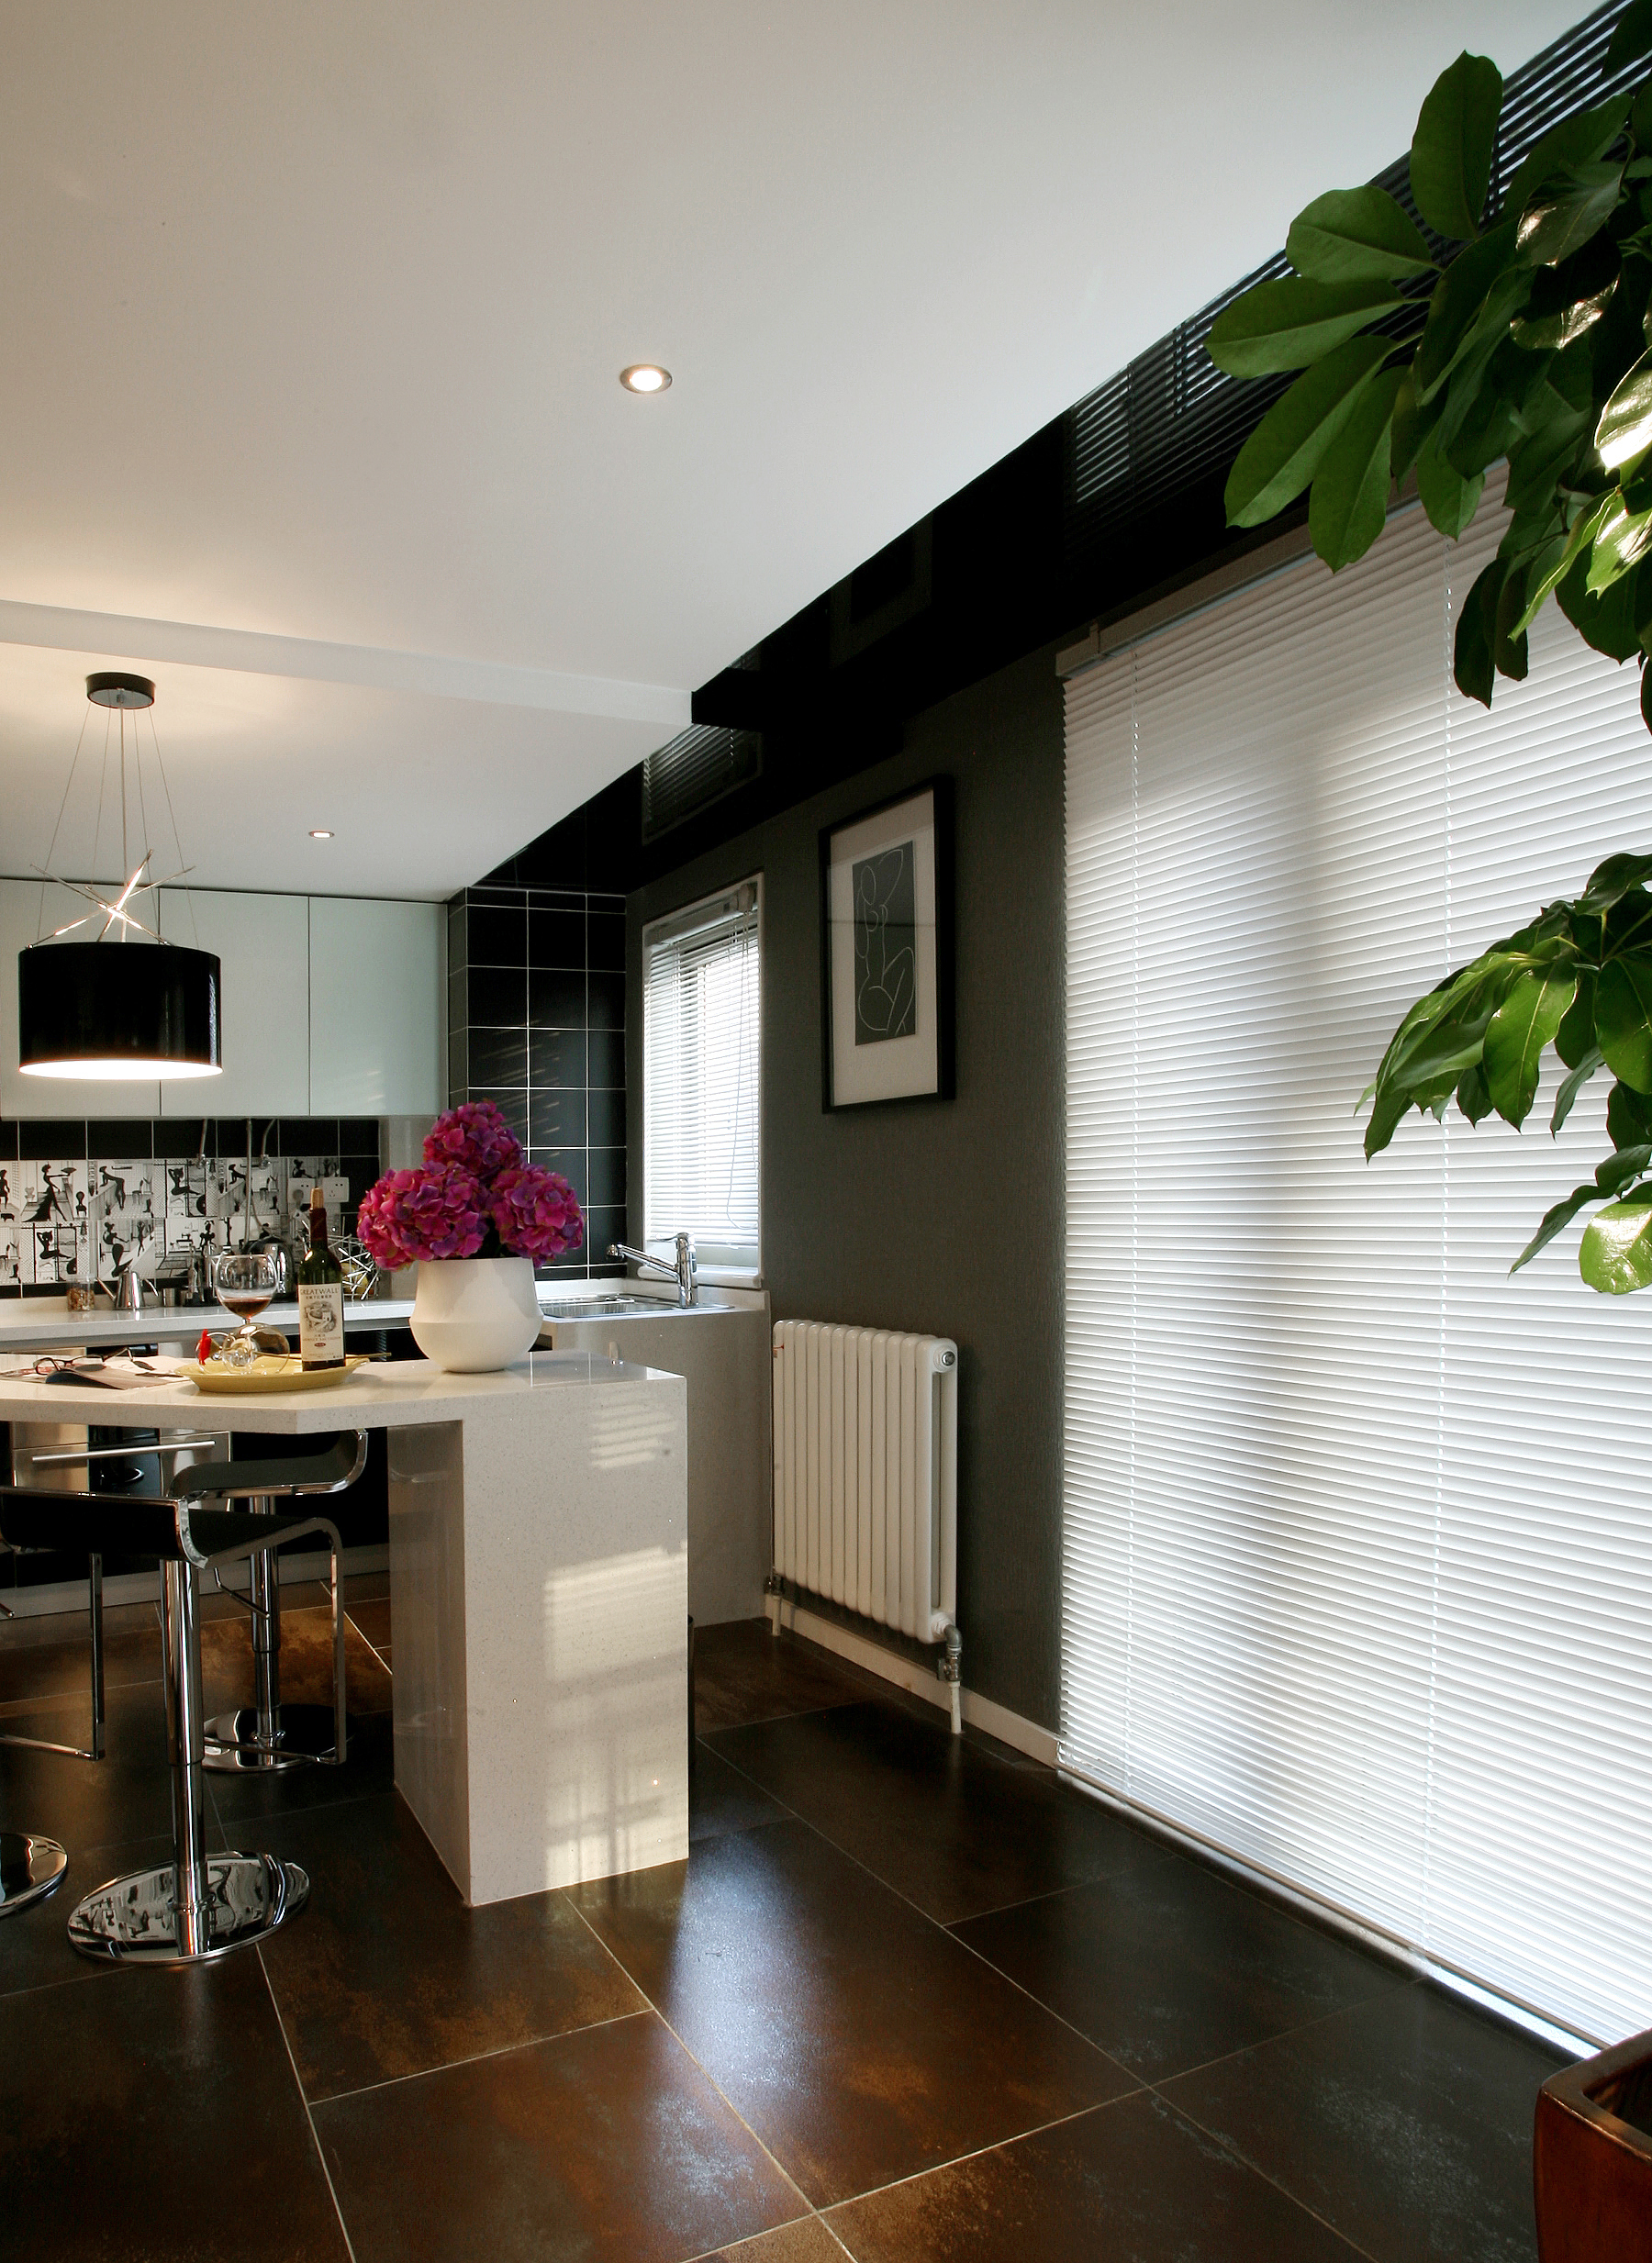 二居 简约 白领 80后 小资 厨房图片来自孙进进在单身复式小公寓精品质生活的分享